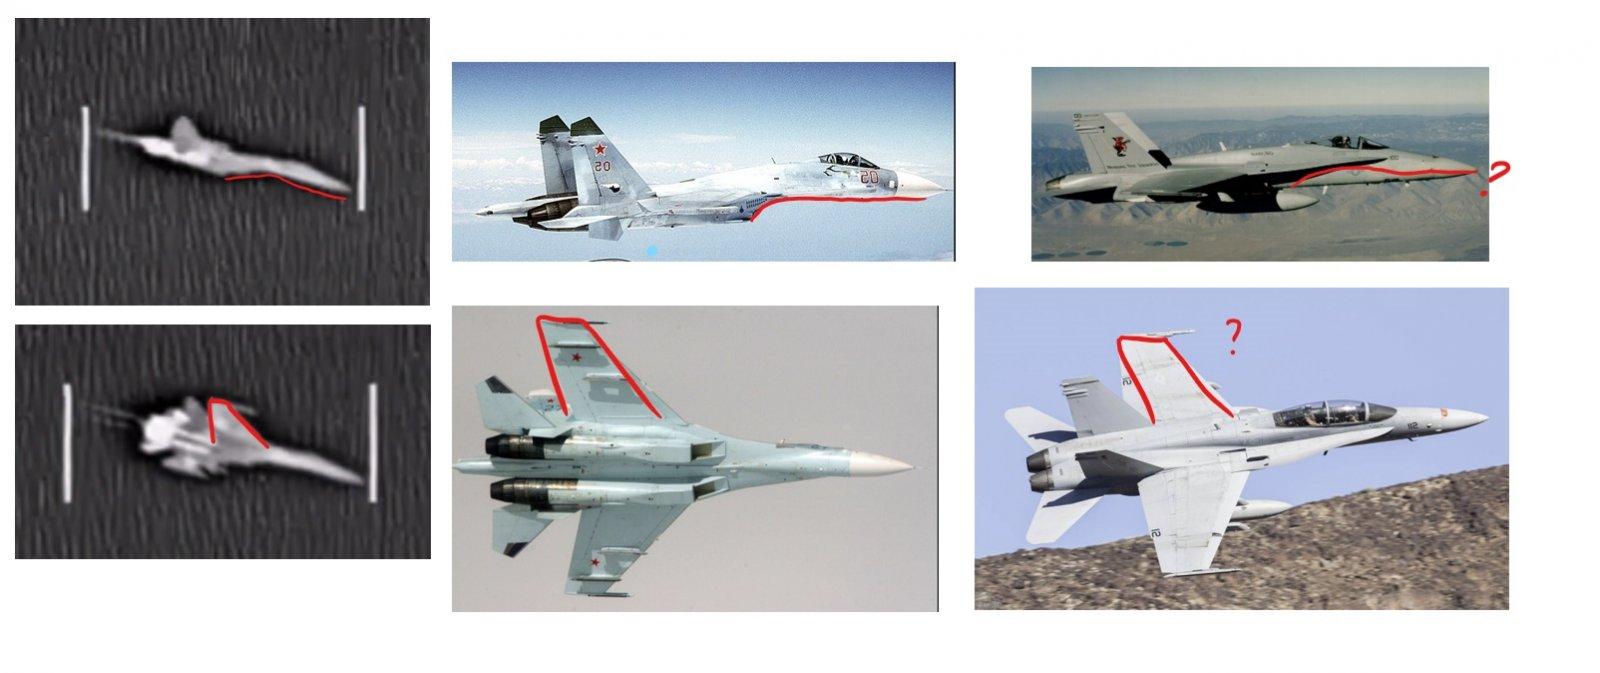 planes_LI.jpg